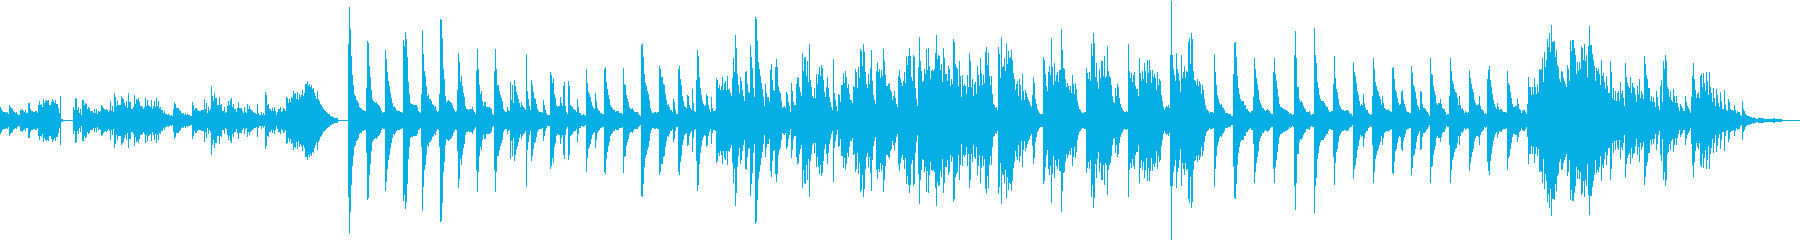 悲しみ系のピアノ曲の再生済みの波形